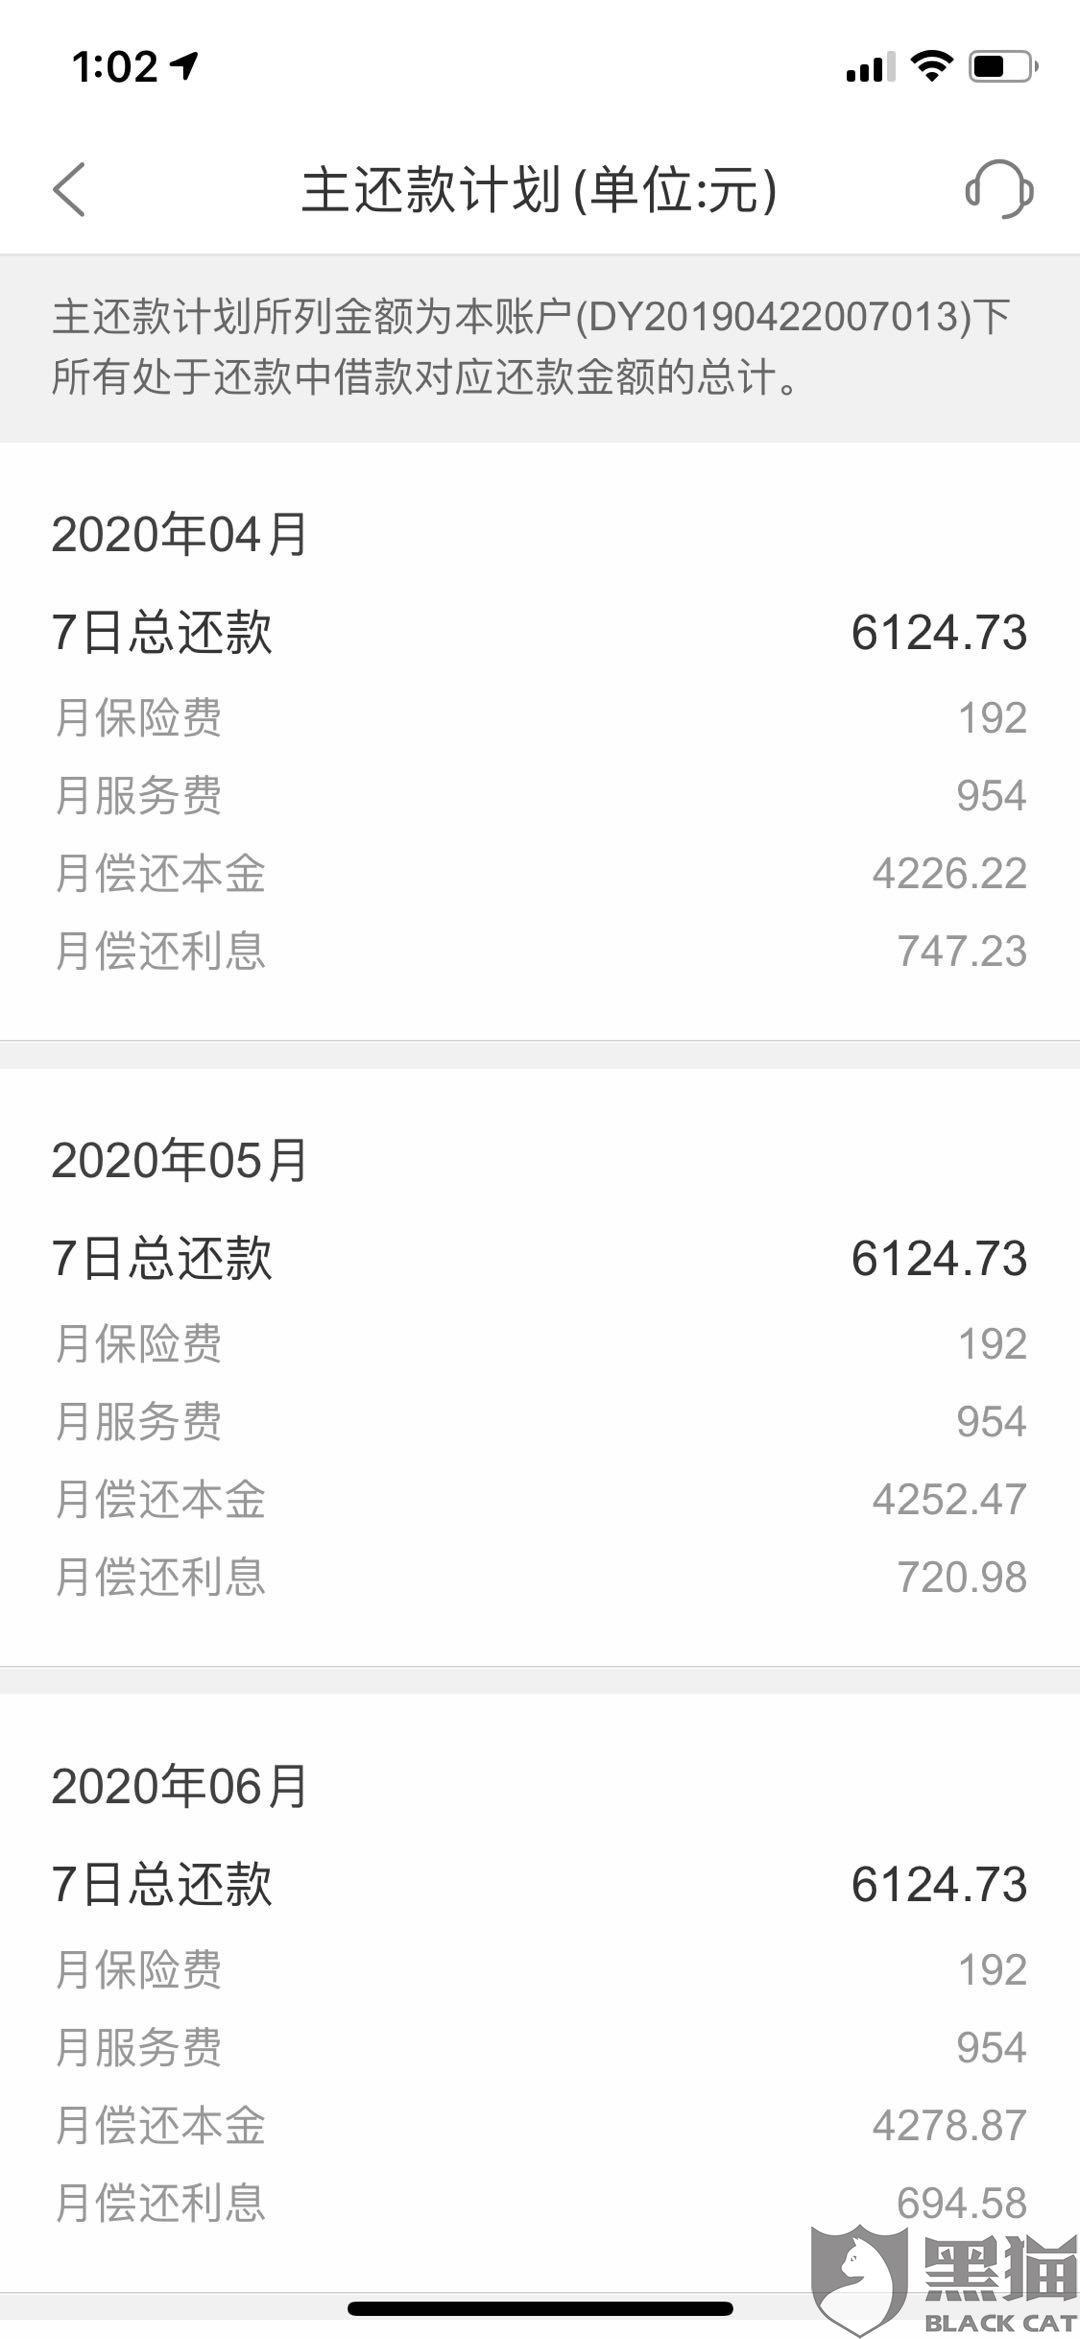 黑猫投诉:平安普惠捆绑服务费  保险费